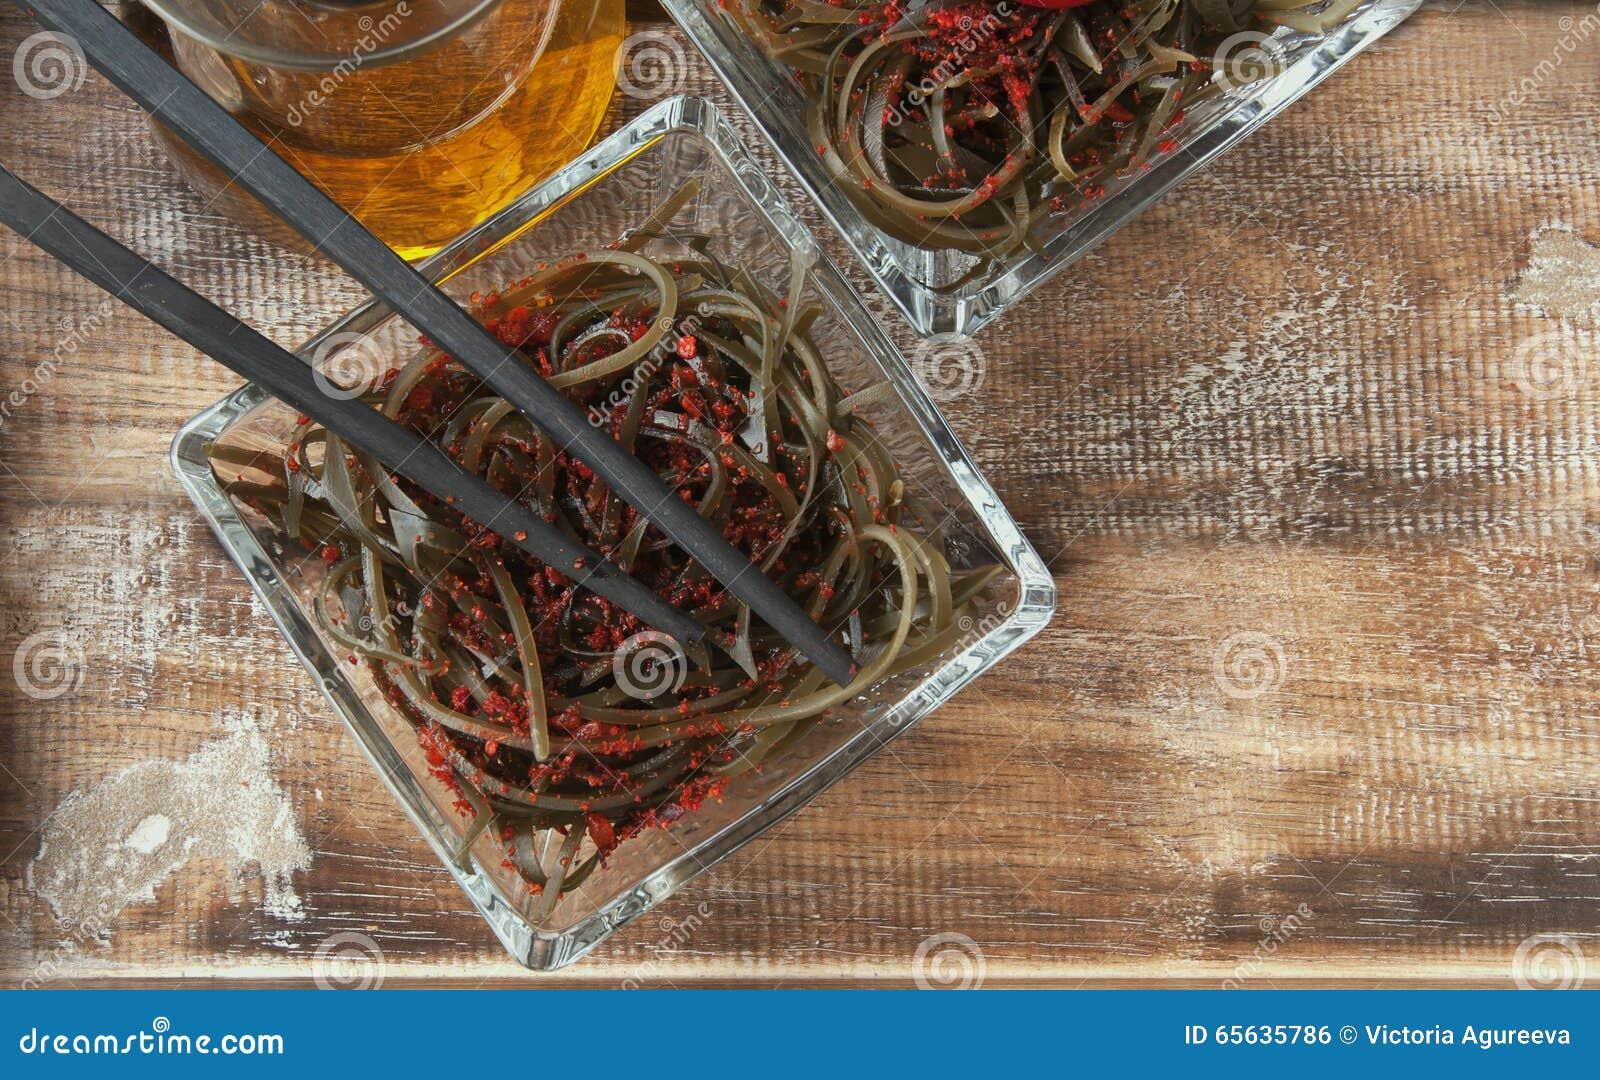 Algue et baguettes, sur une table en bois ouverte